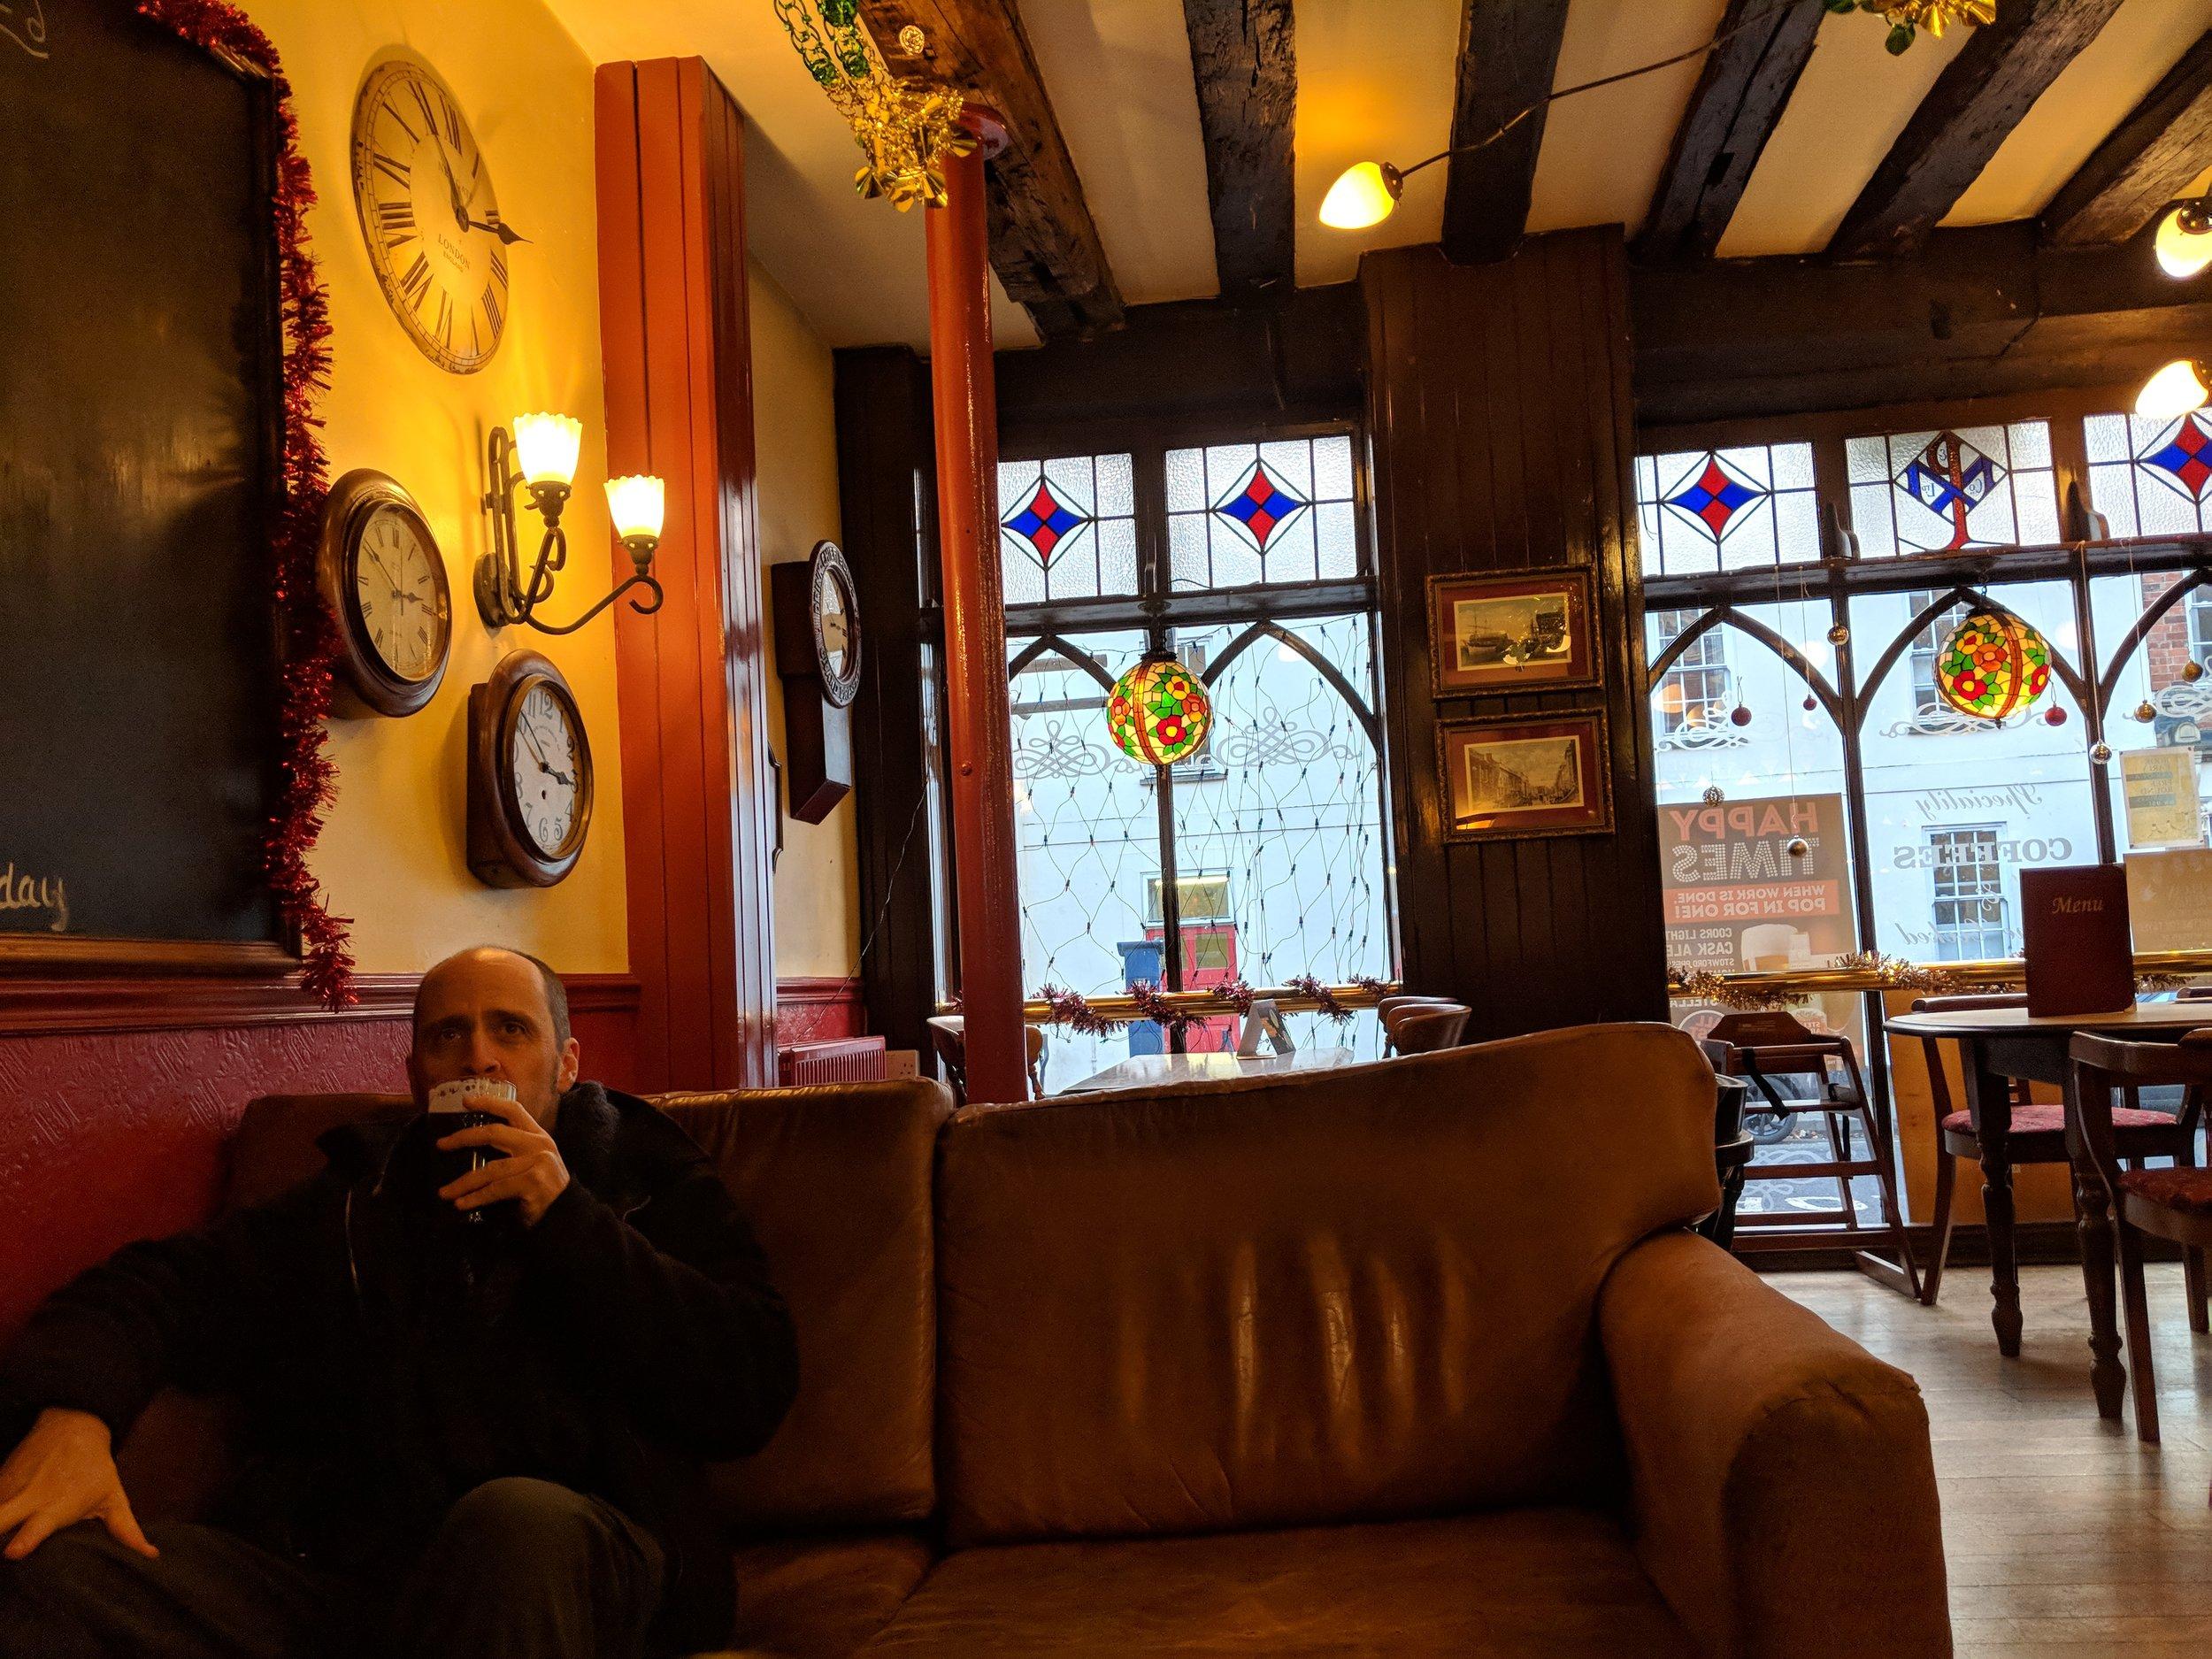 Dick Whittington's Pub